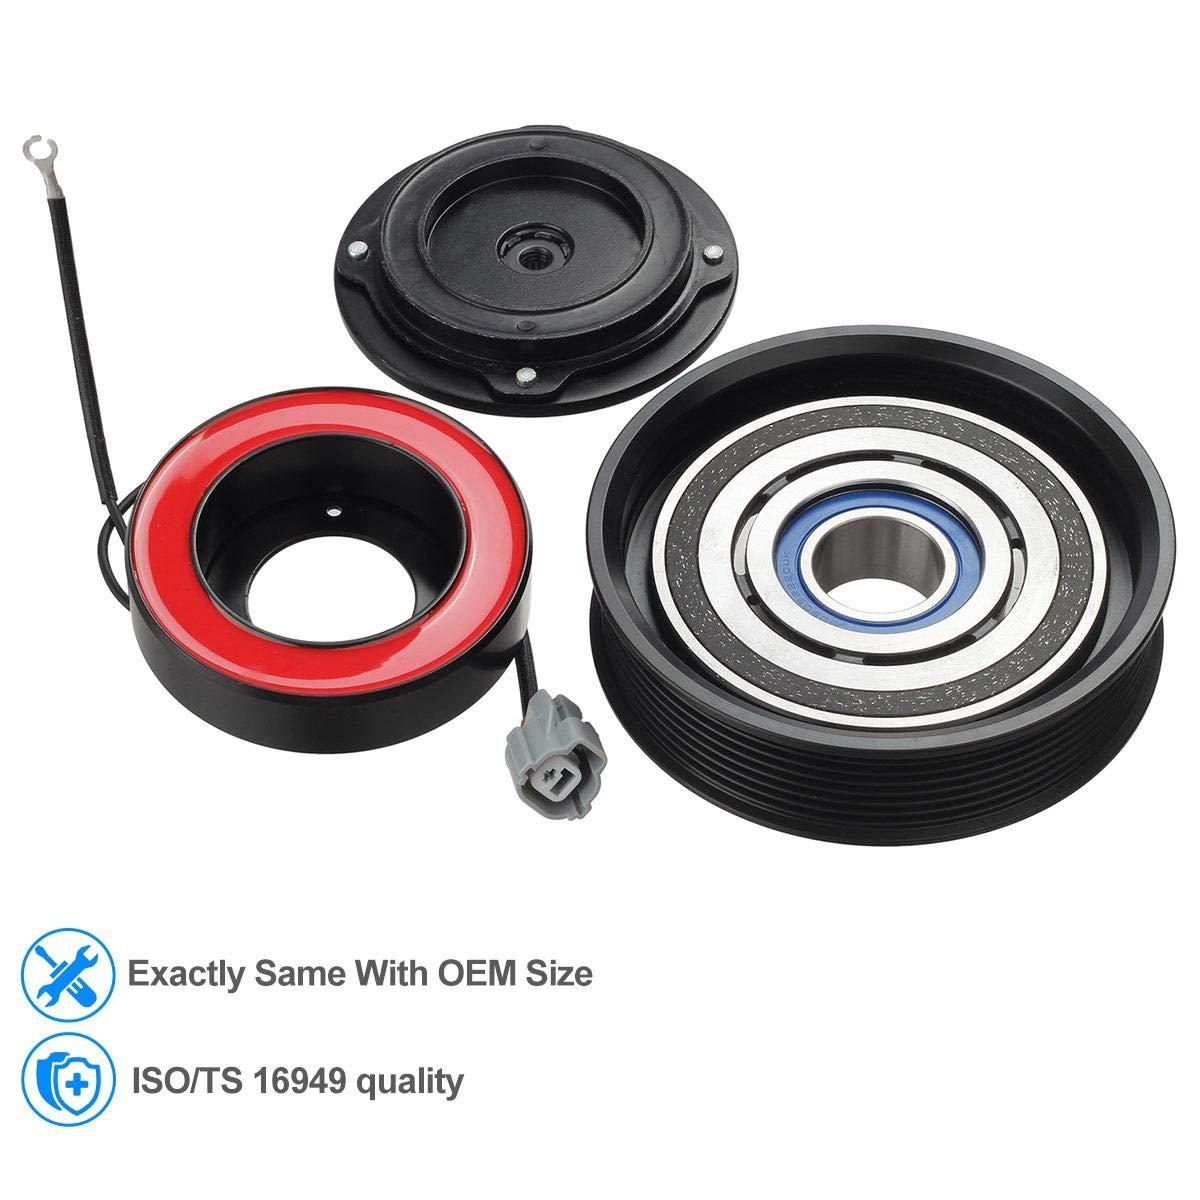 Ca a/c compresor embrague Kit de montaje para 2003 - 2007 Honda Accord 2.4l: Amazon.es: Coche y moto